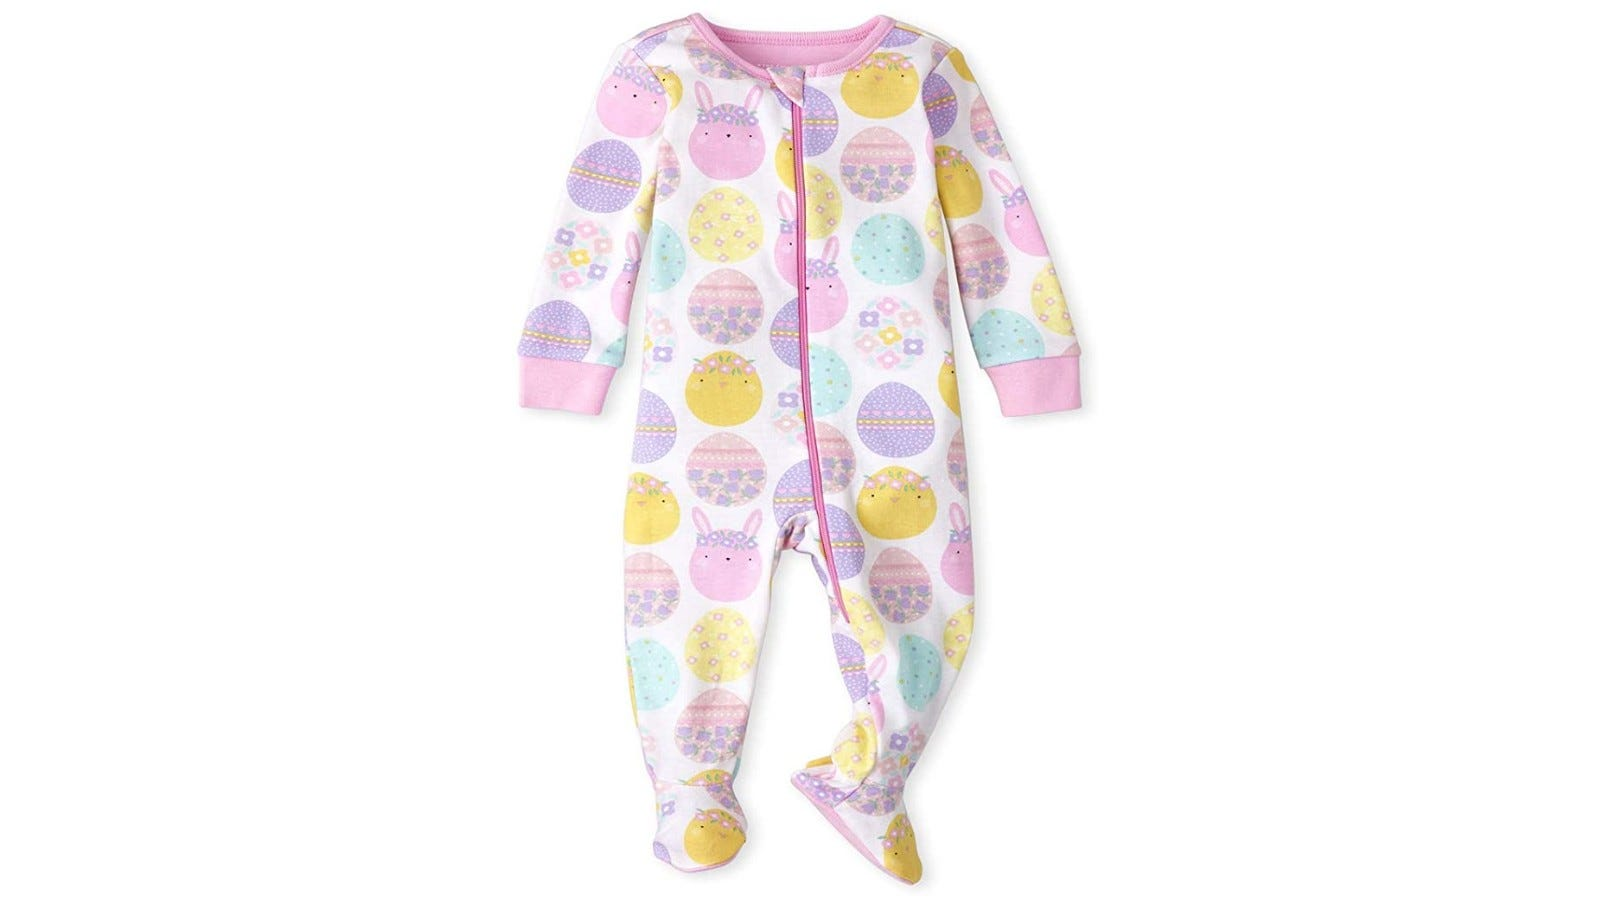 footie pajamas with pastel eggs